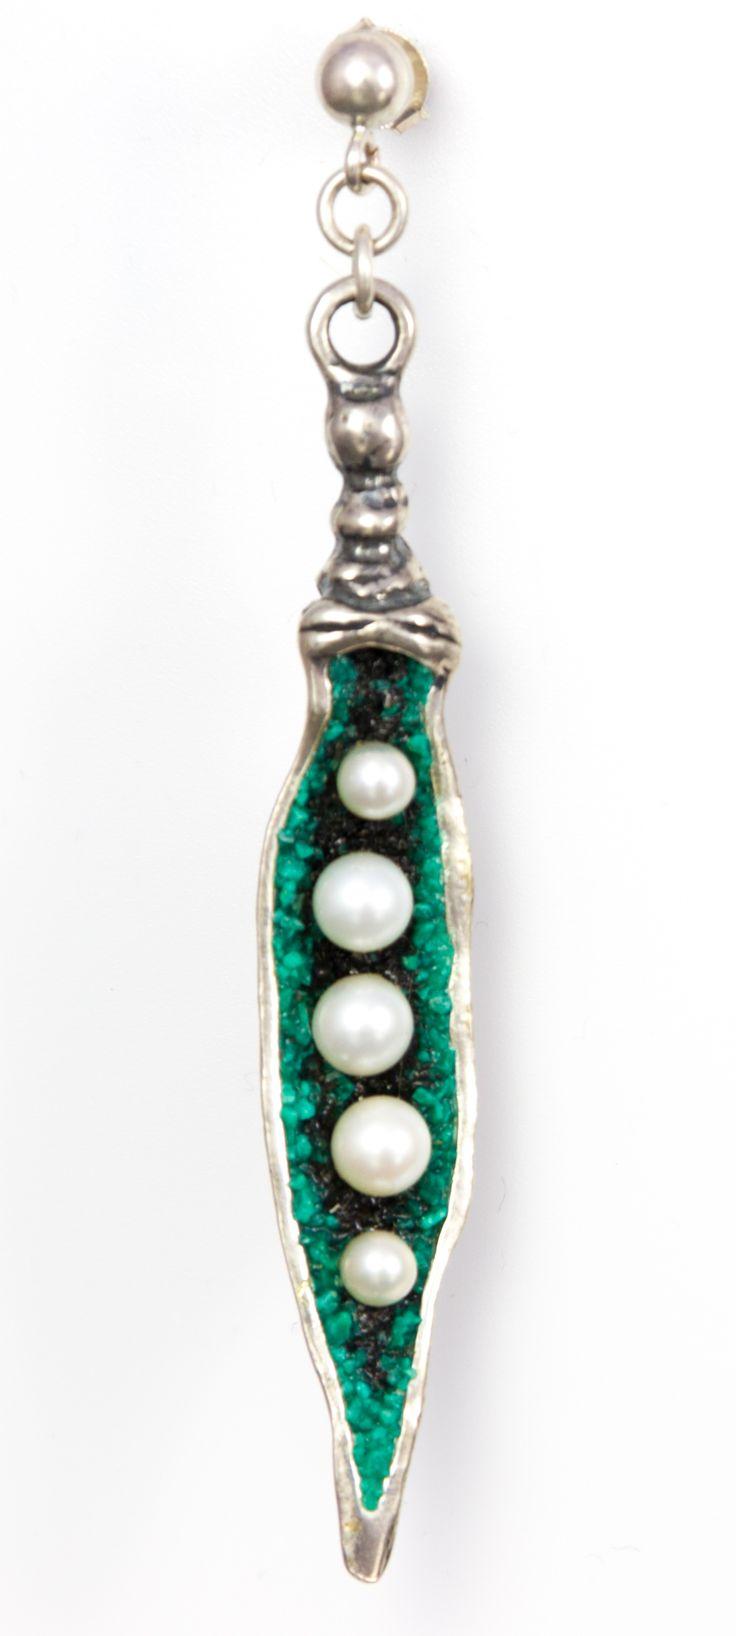 Wie eine Erbsenschote mit weißen Perlen.  Die Ohrstecker sind aus 925er Sterling-Silber geformt und handgemacht. Die grüne Farbe der Schoten stammt von den Splittern eines Malachit, mit denen das Silber besetzt ist. Die weißen Perlen stellen die Erbsenschoten dar.